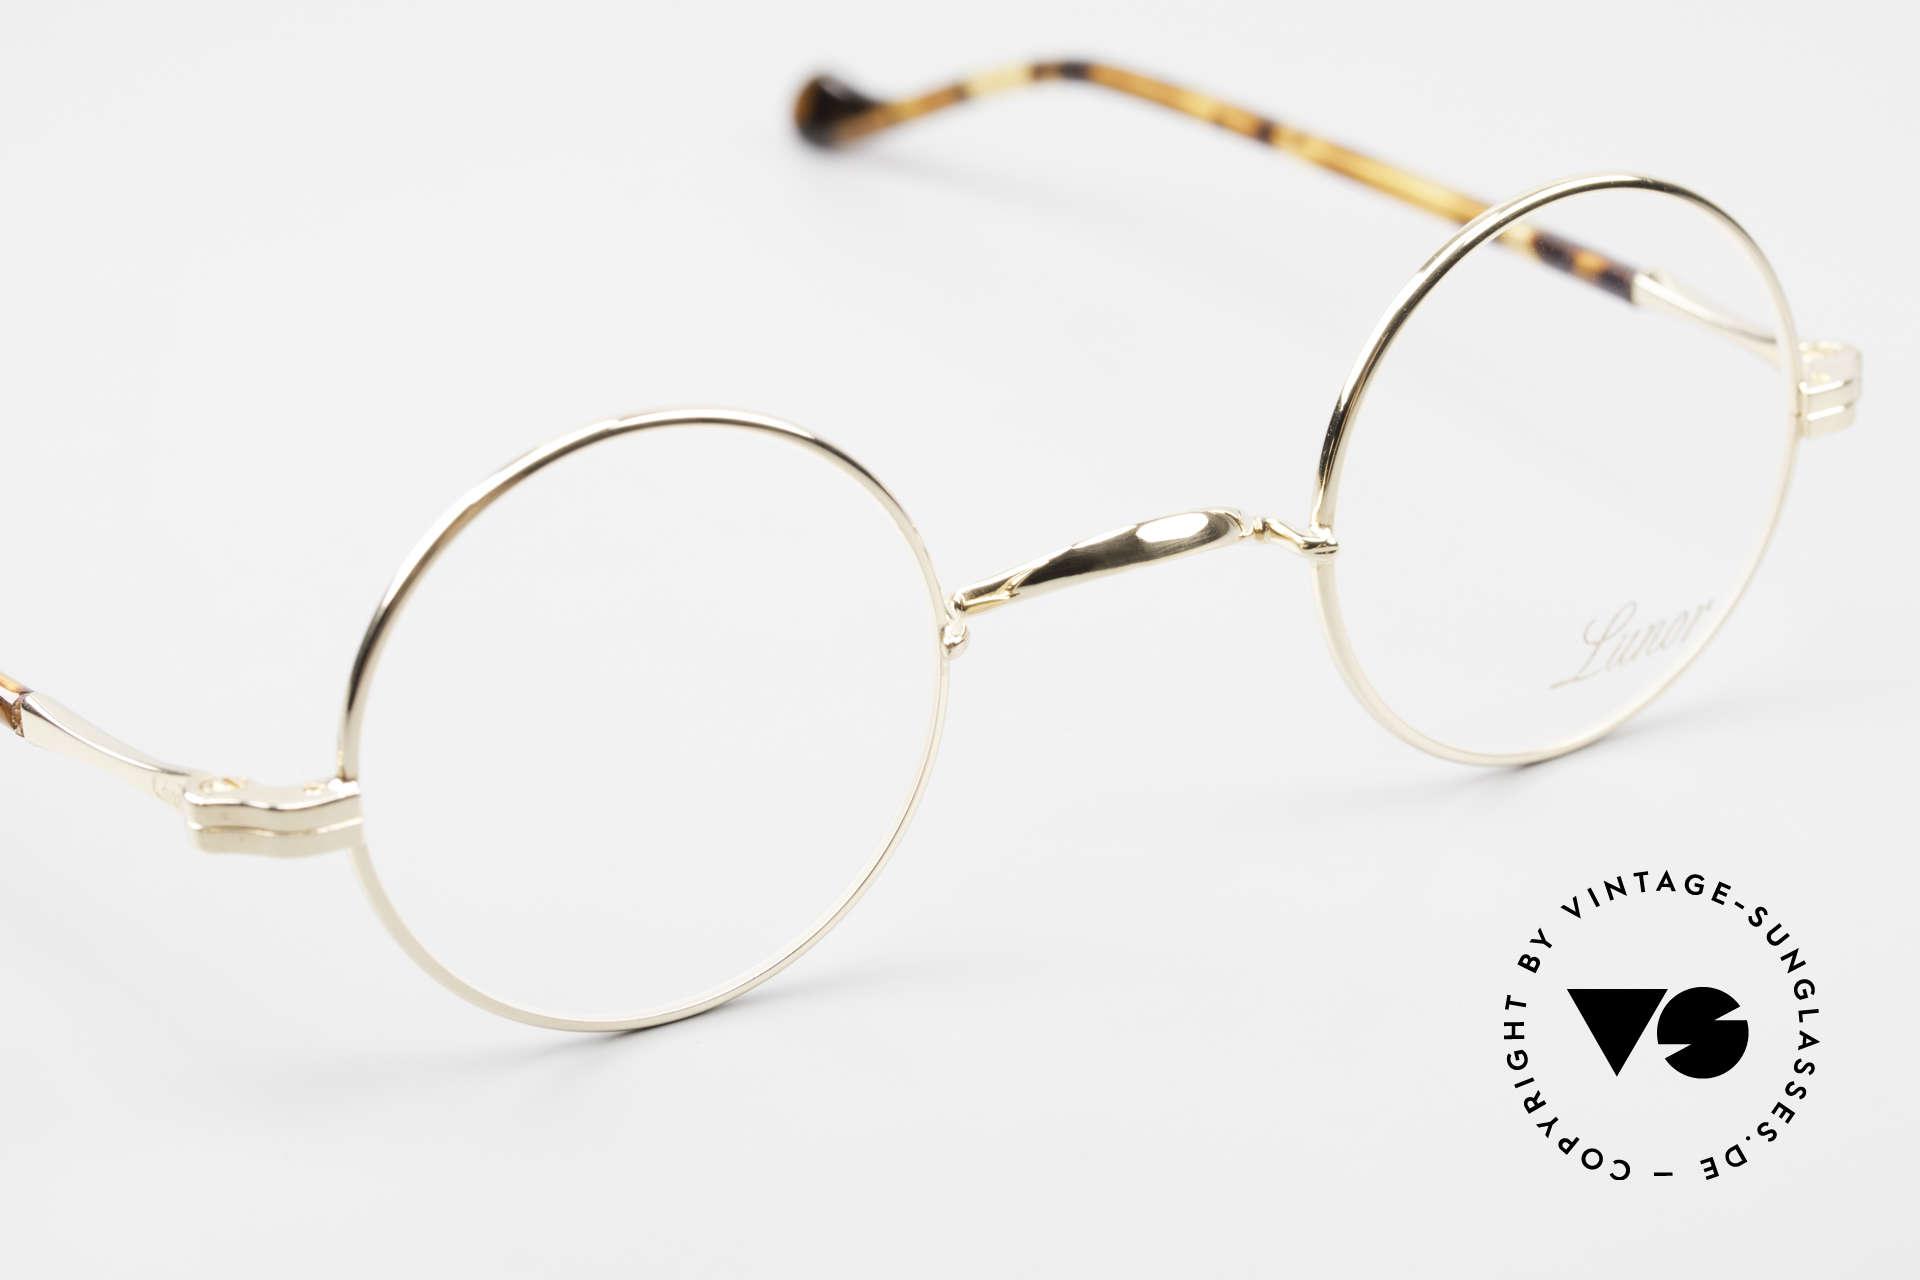 Lunor II A 12 Runde Brille 22kt Vergoldet, altes, ungetragenes LUNOR Einzelstück von ca. 2010, Passend für Herren und Damen